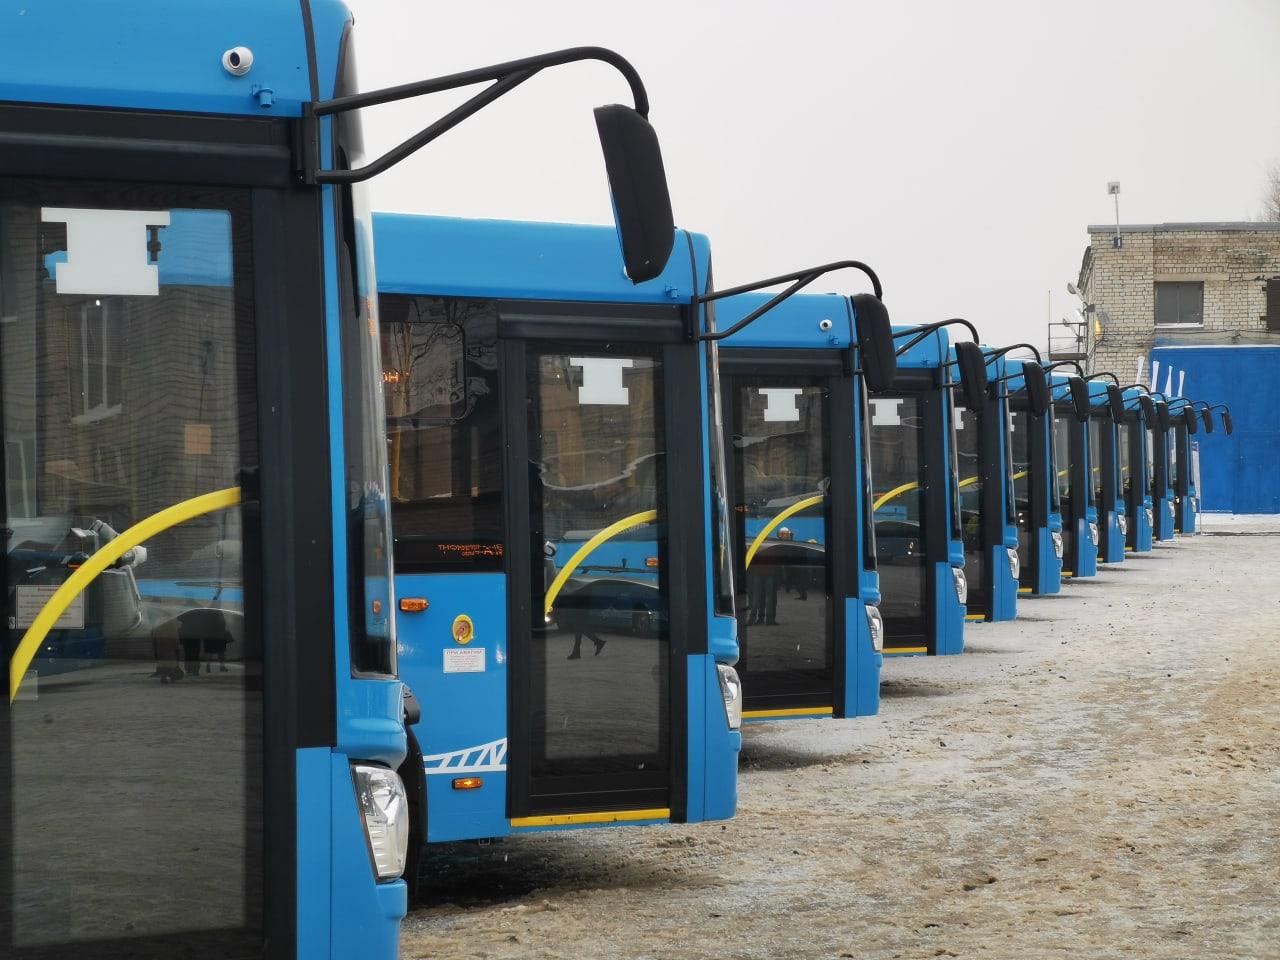 Новые автобусы уже в Твери и готовы выйти на линию